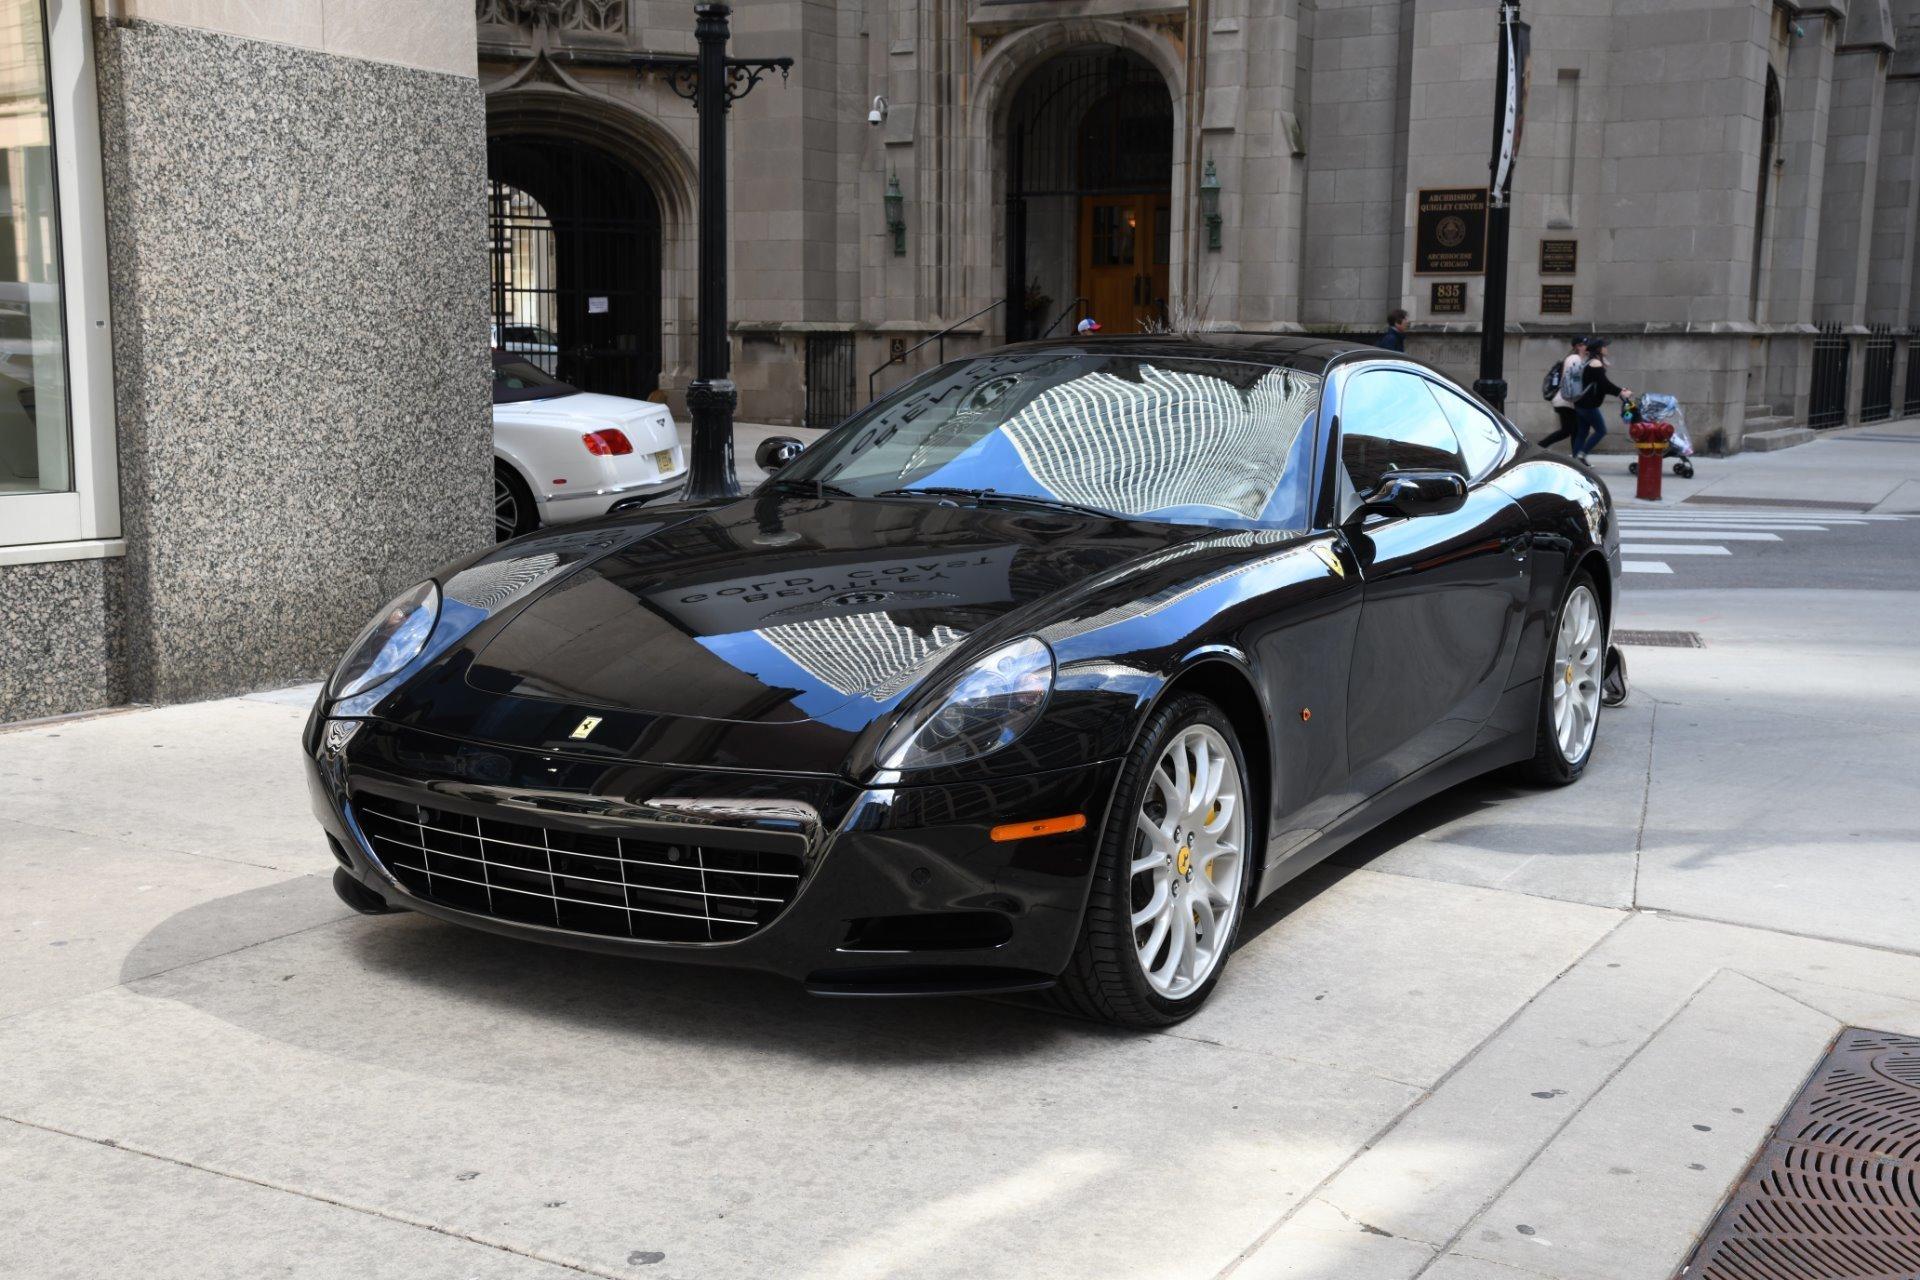 2010 Ferrari 612 Scaglietti In Chicago Illinois United States For Sale 10532013